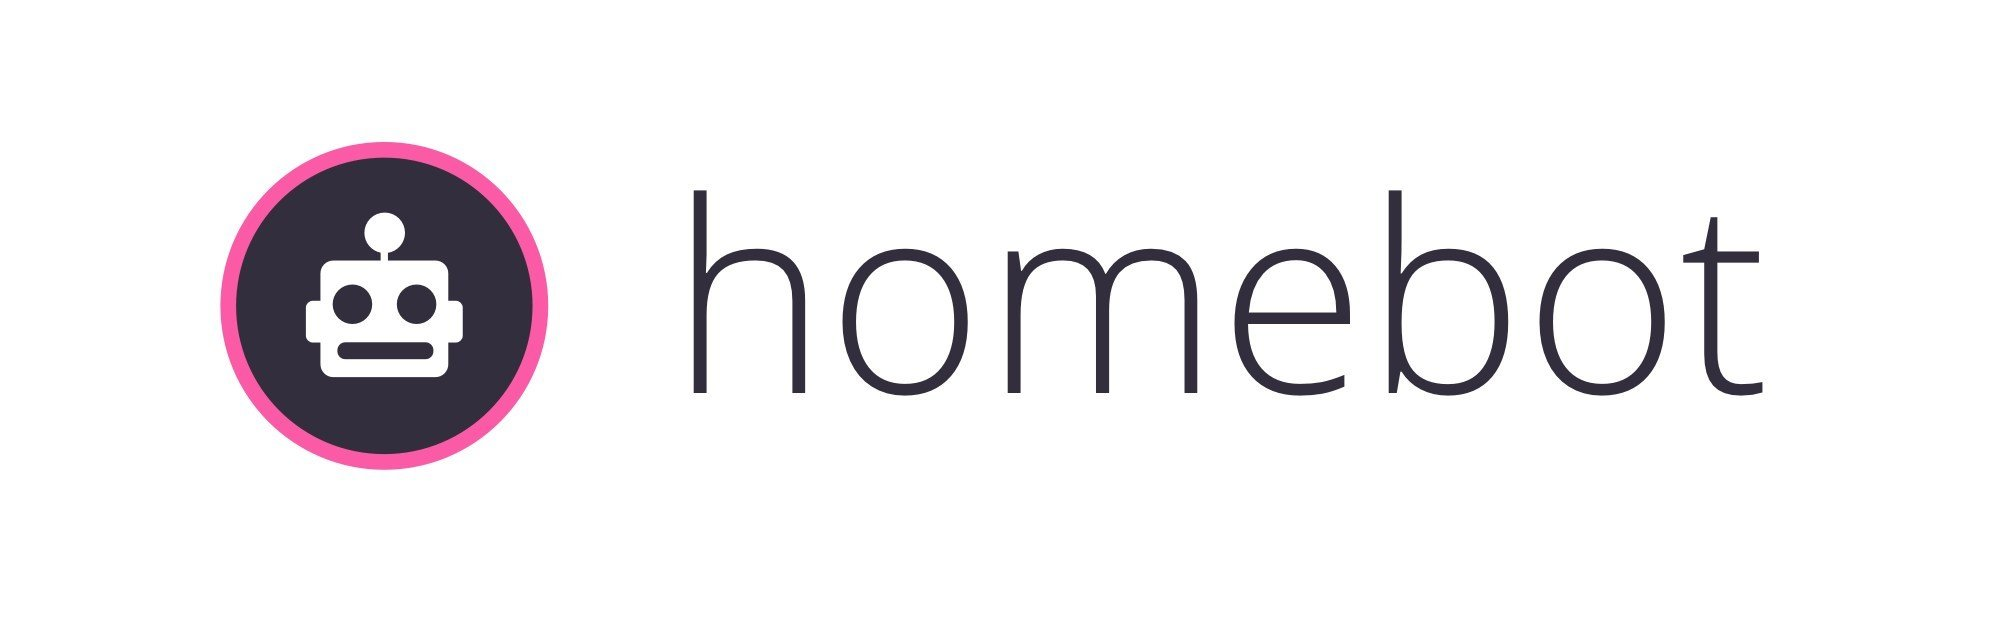 Homebot_Logo